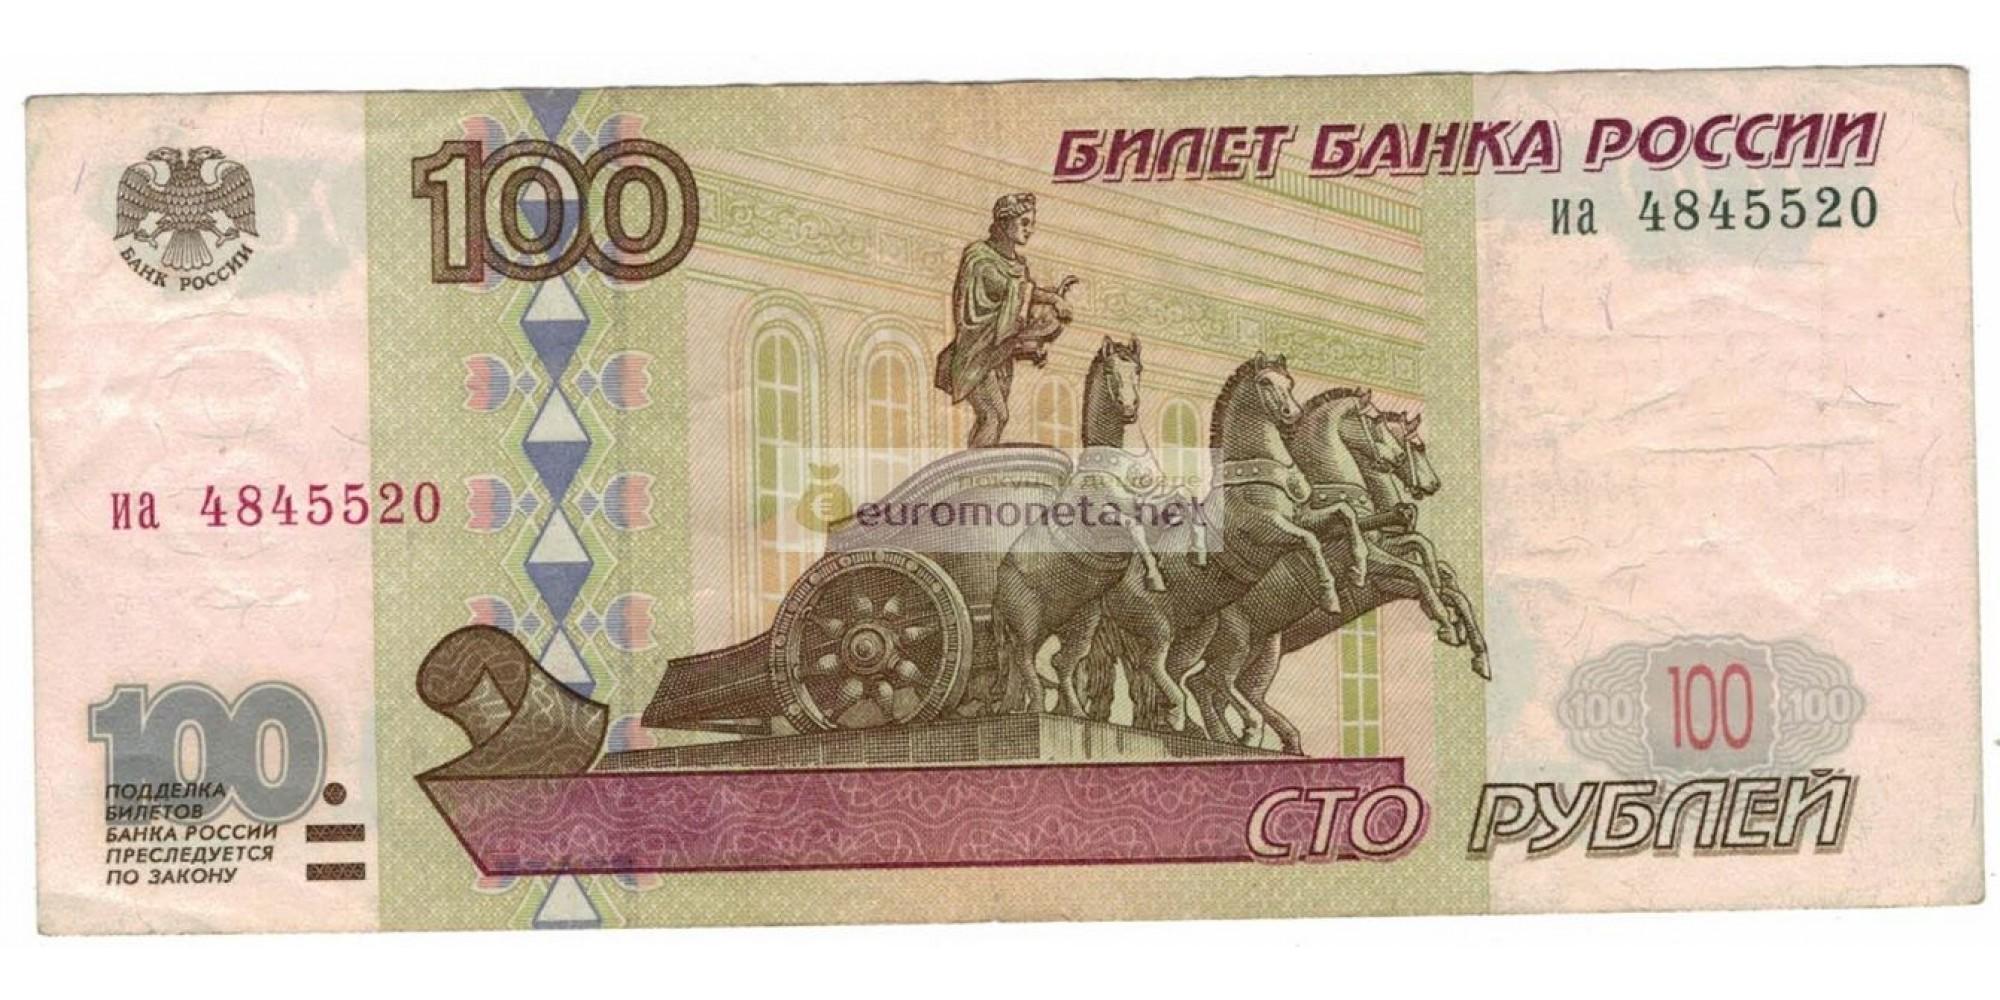 Россия 100 рублей 1997 год без модификации серия иа 4845520